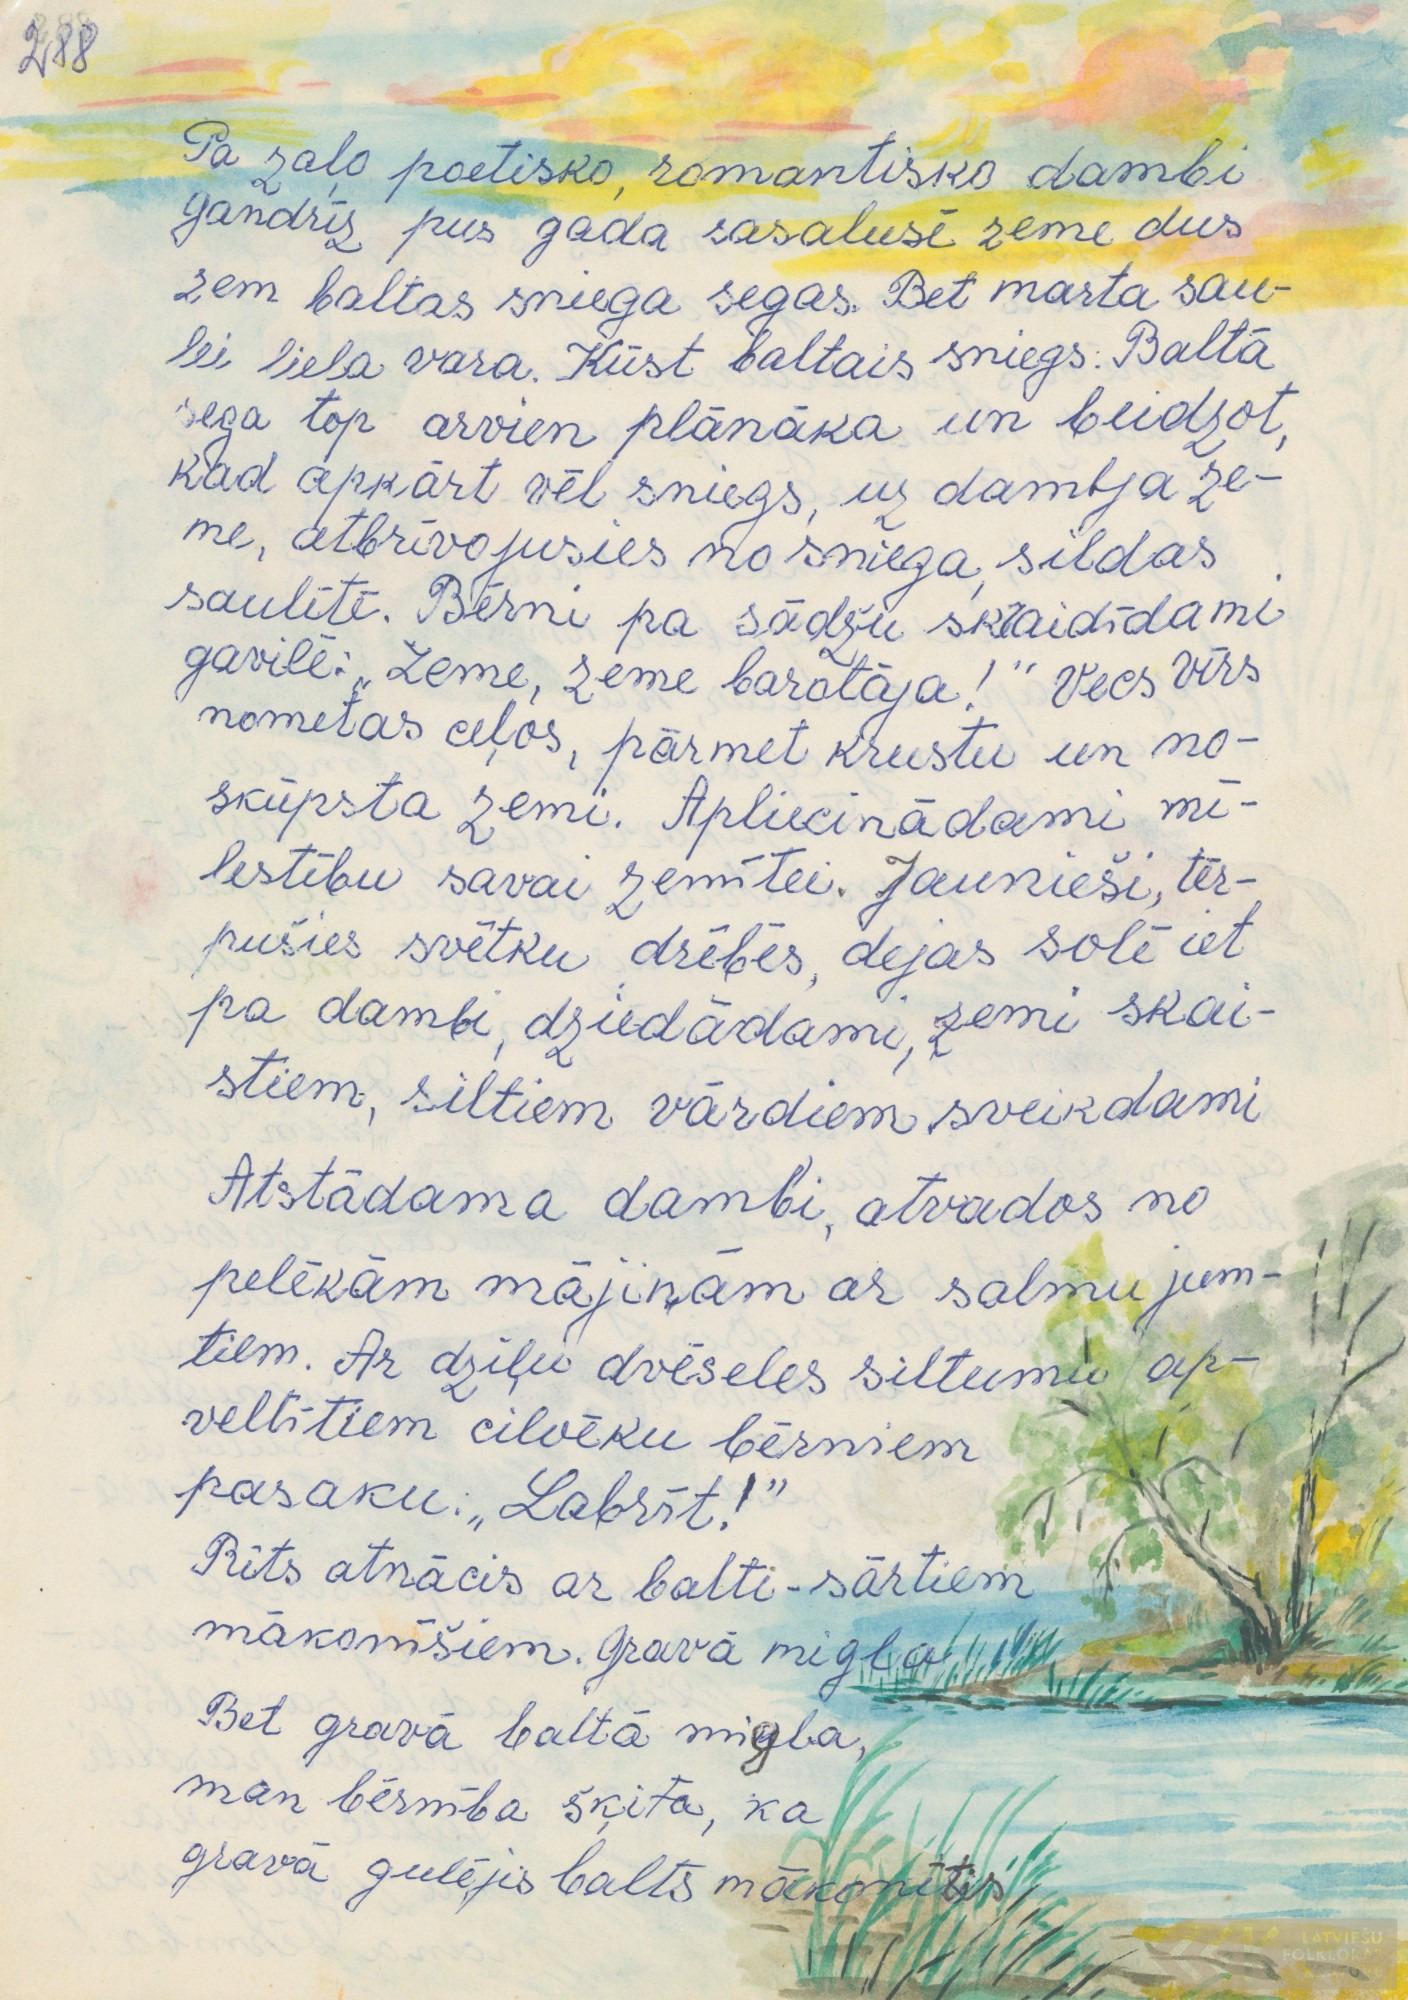 Ak55-Veltas-Vitolas-atminas-01-0574